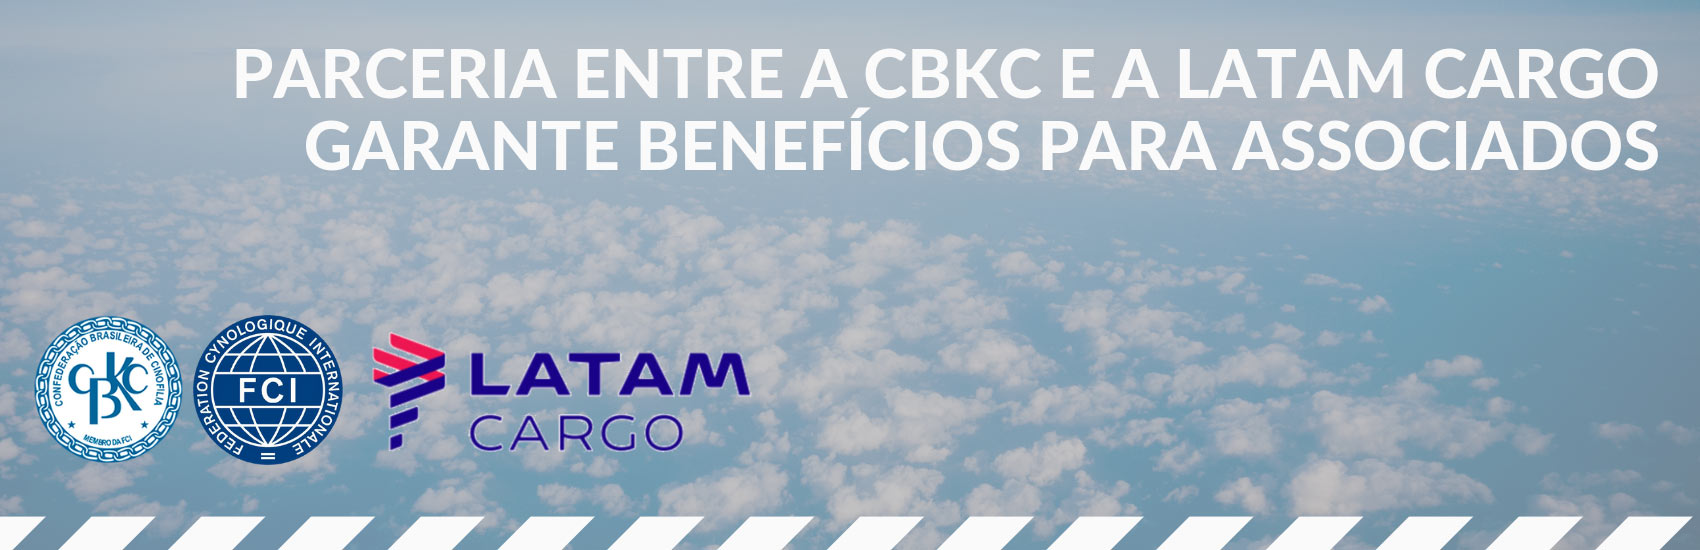 Parceria CBKC LATAM 2019